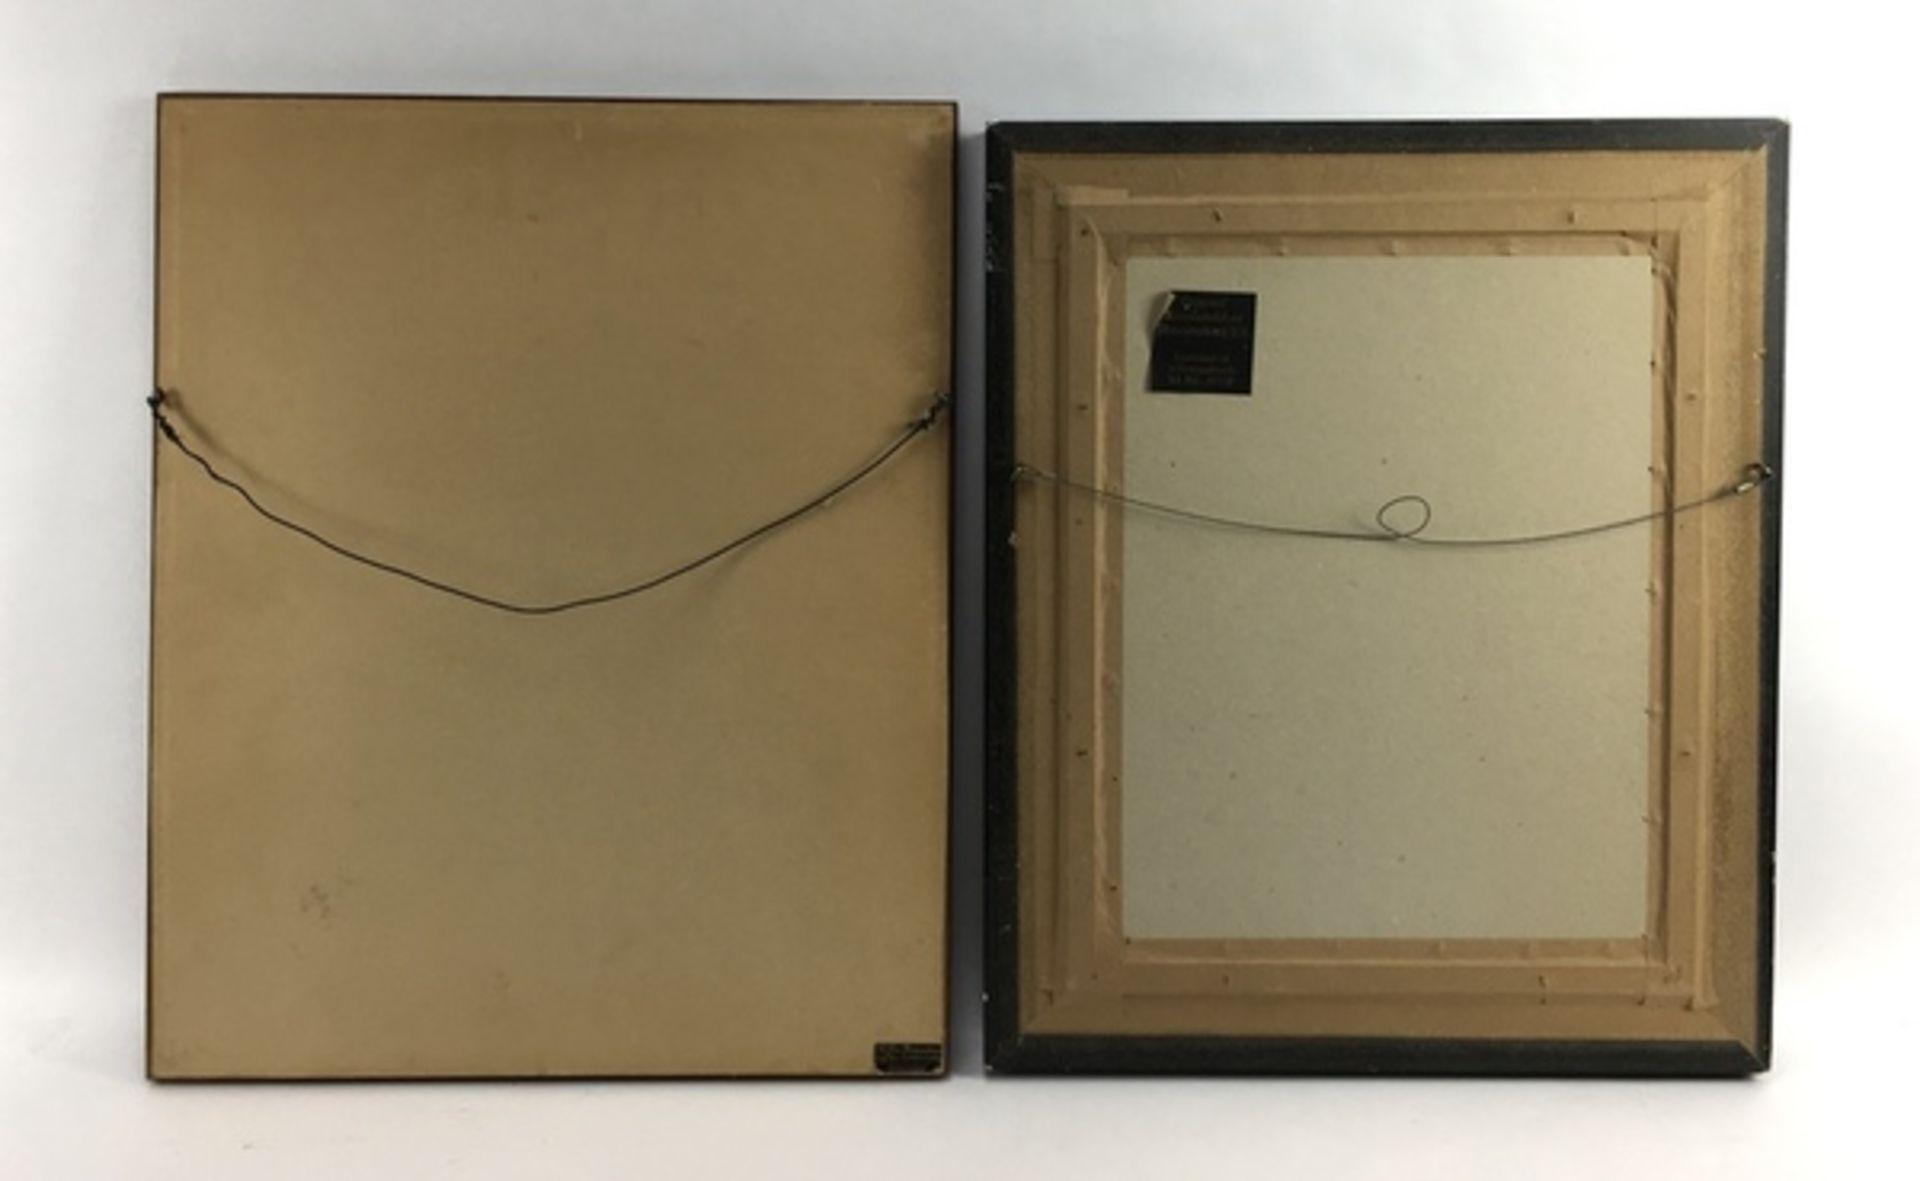 (Fotografie) PortrettenTwee ingelijste portretten, 1906. Conditie: In matige staat. Afmetingen: - Image 2 of 3